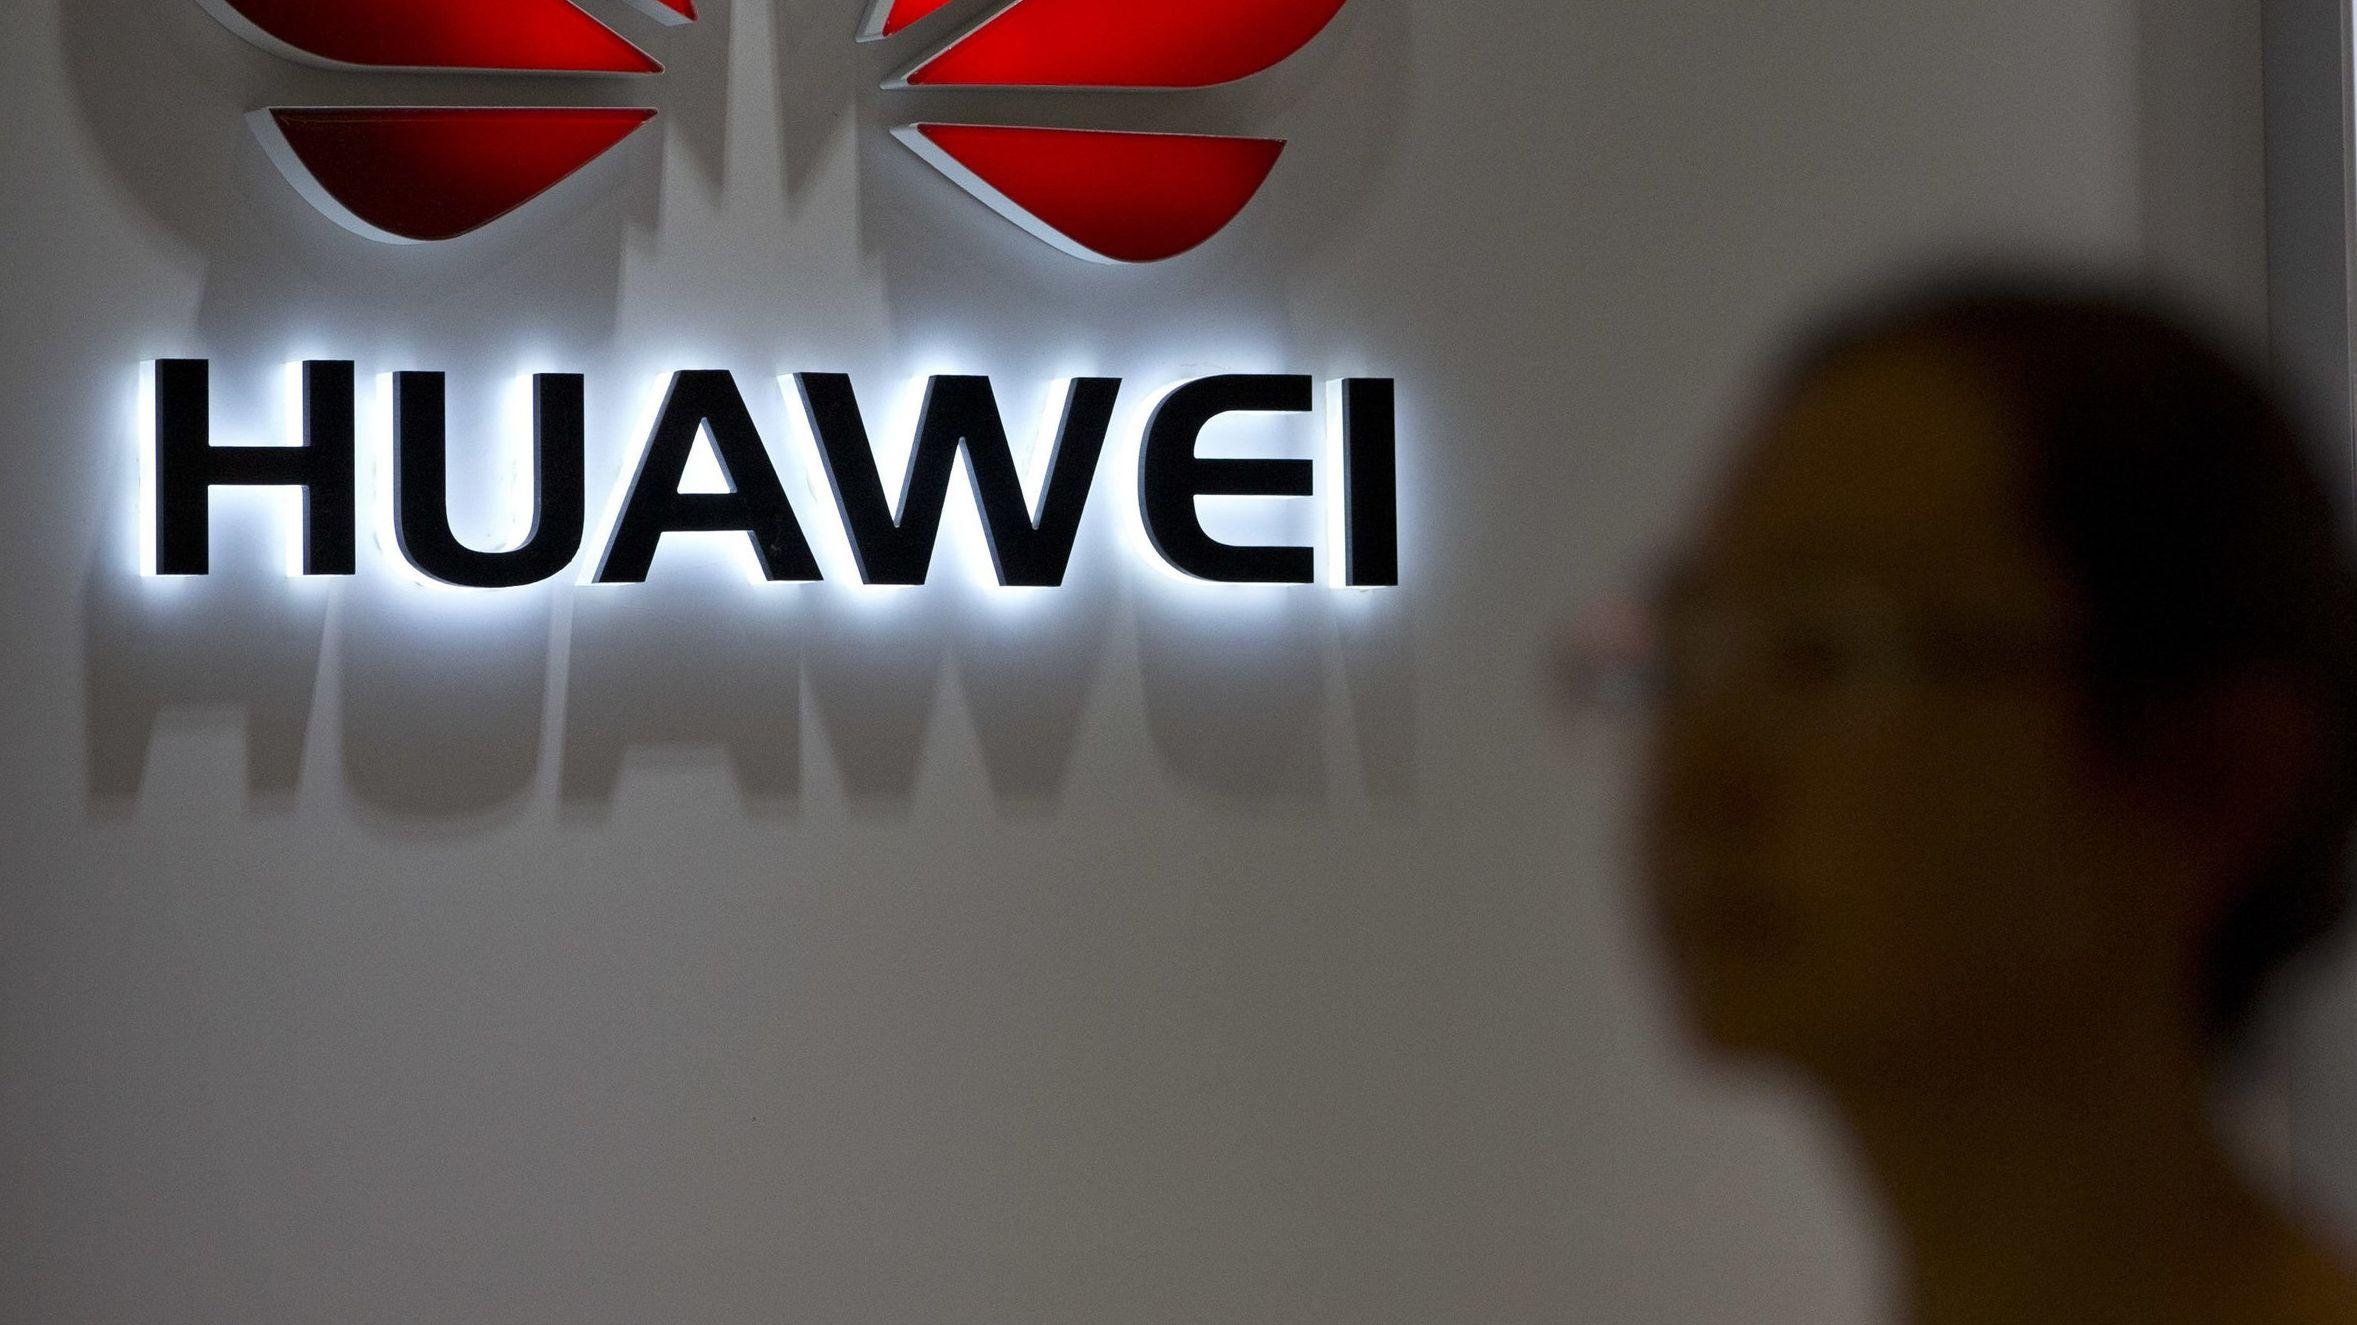 Frau (unscharf) vor Huawei-Logo (angeschnitten)